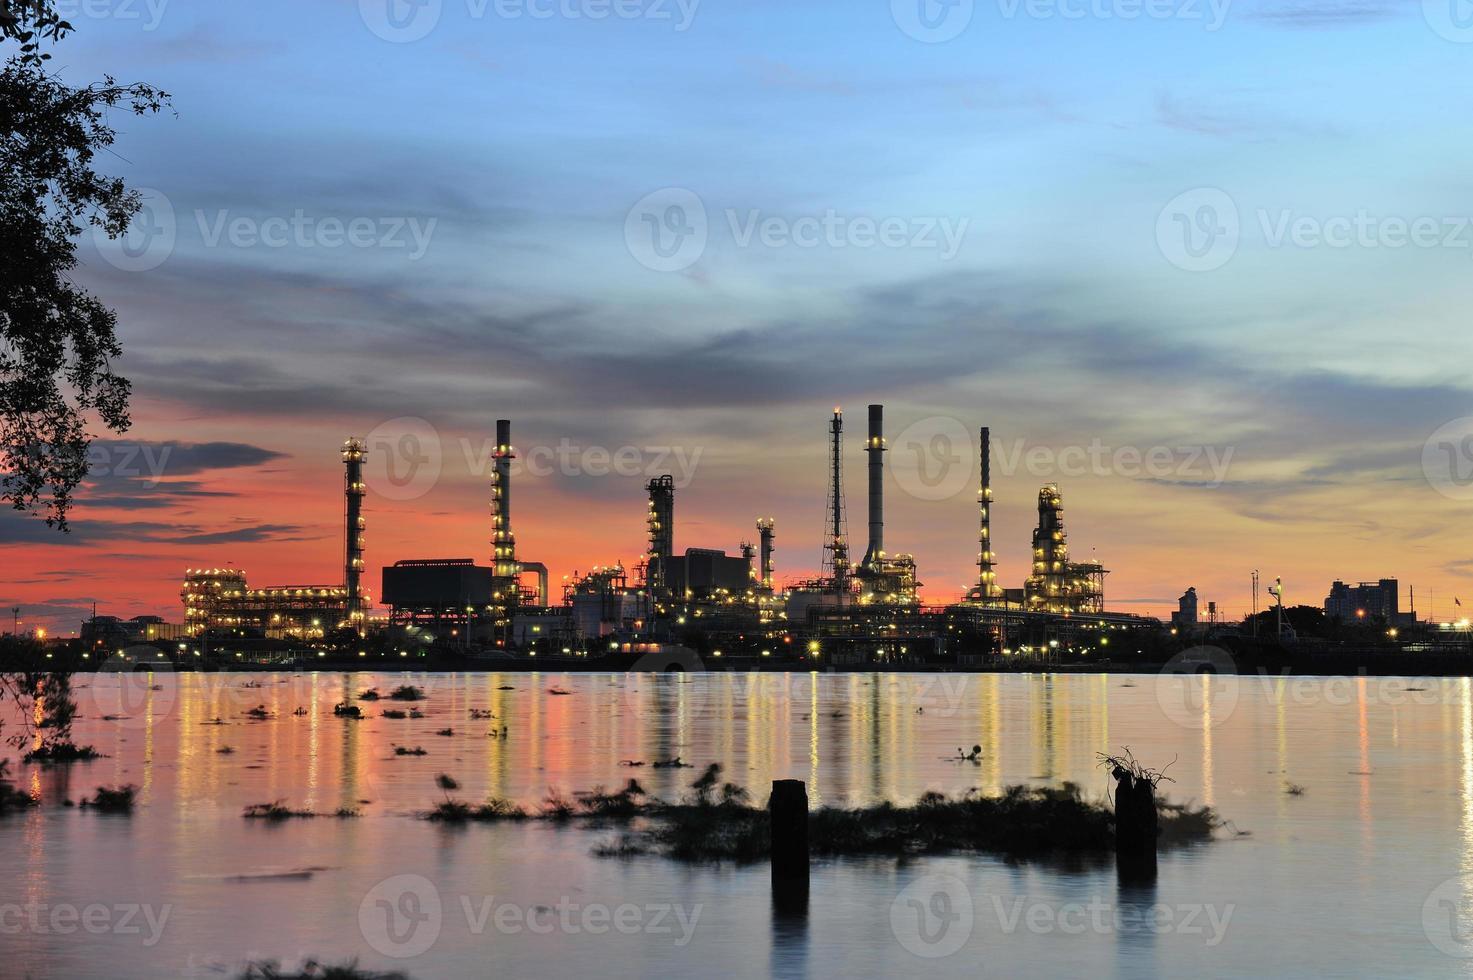 olieraffinaderij plant bij schemering foto